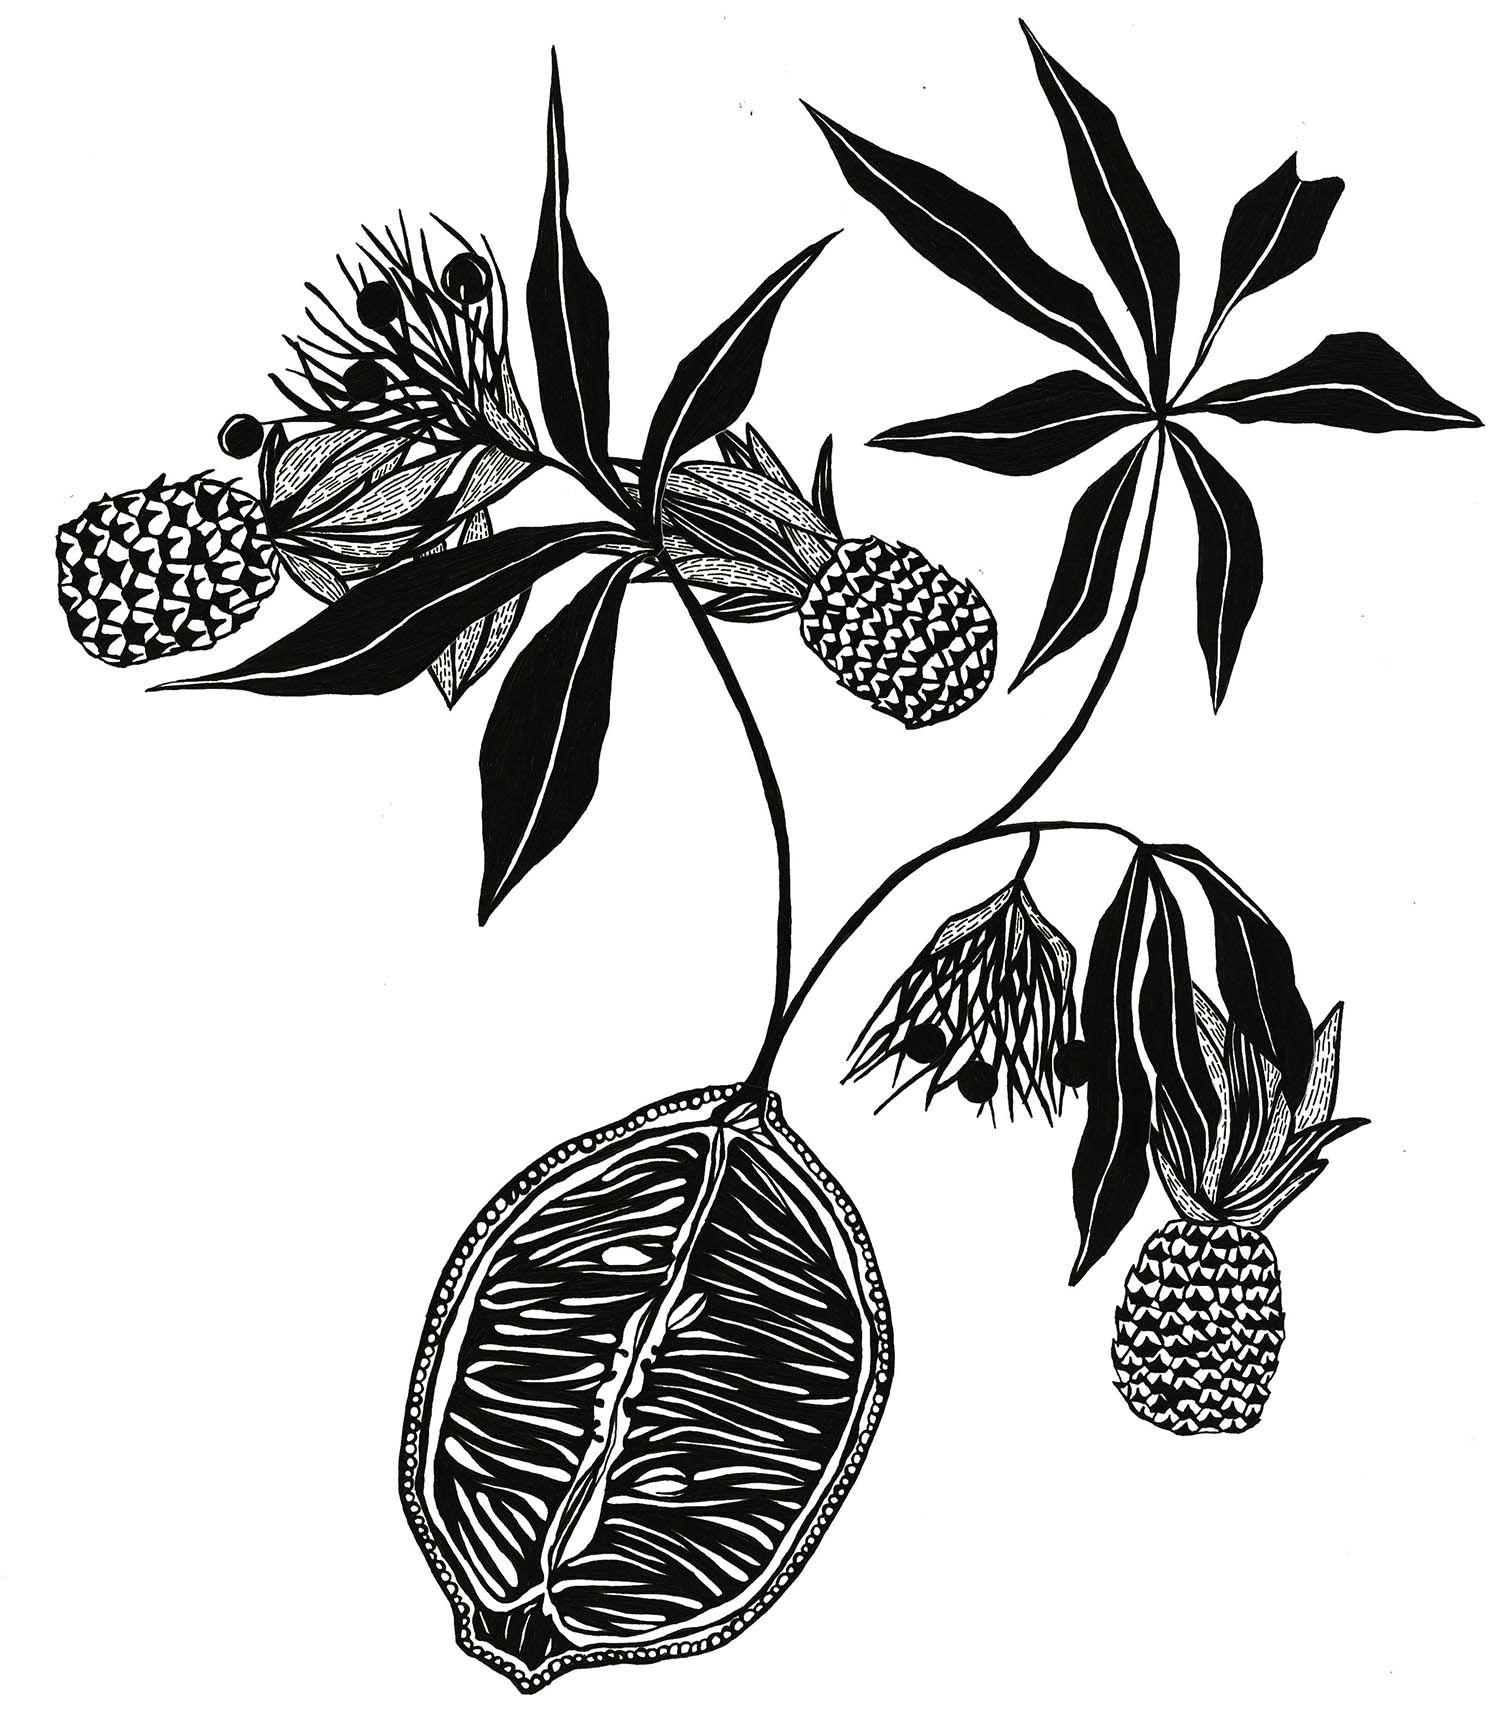 lemonpineappleplantx